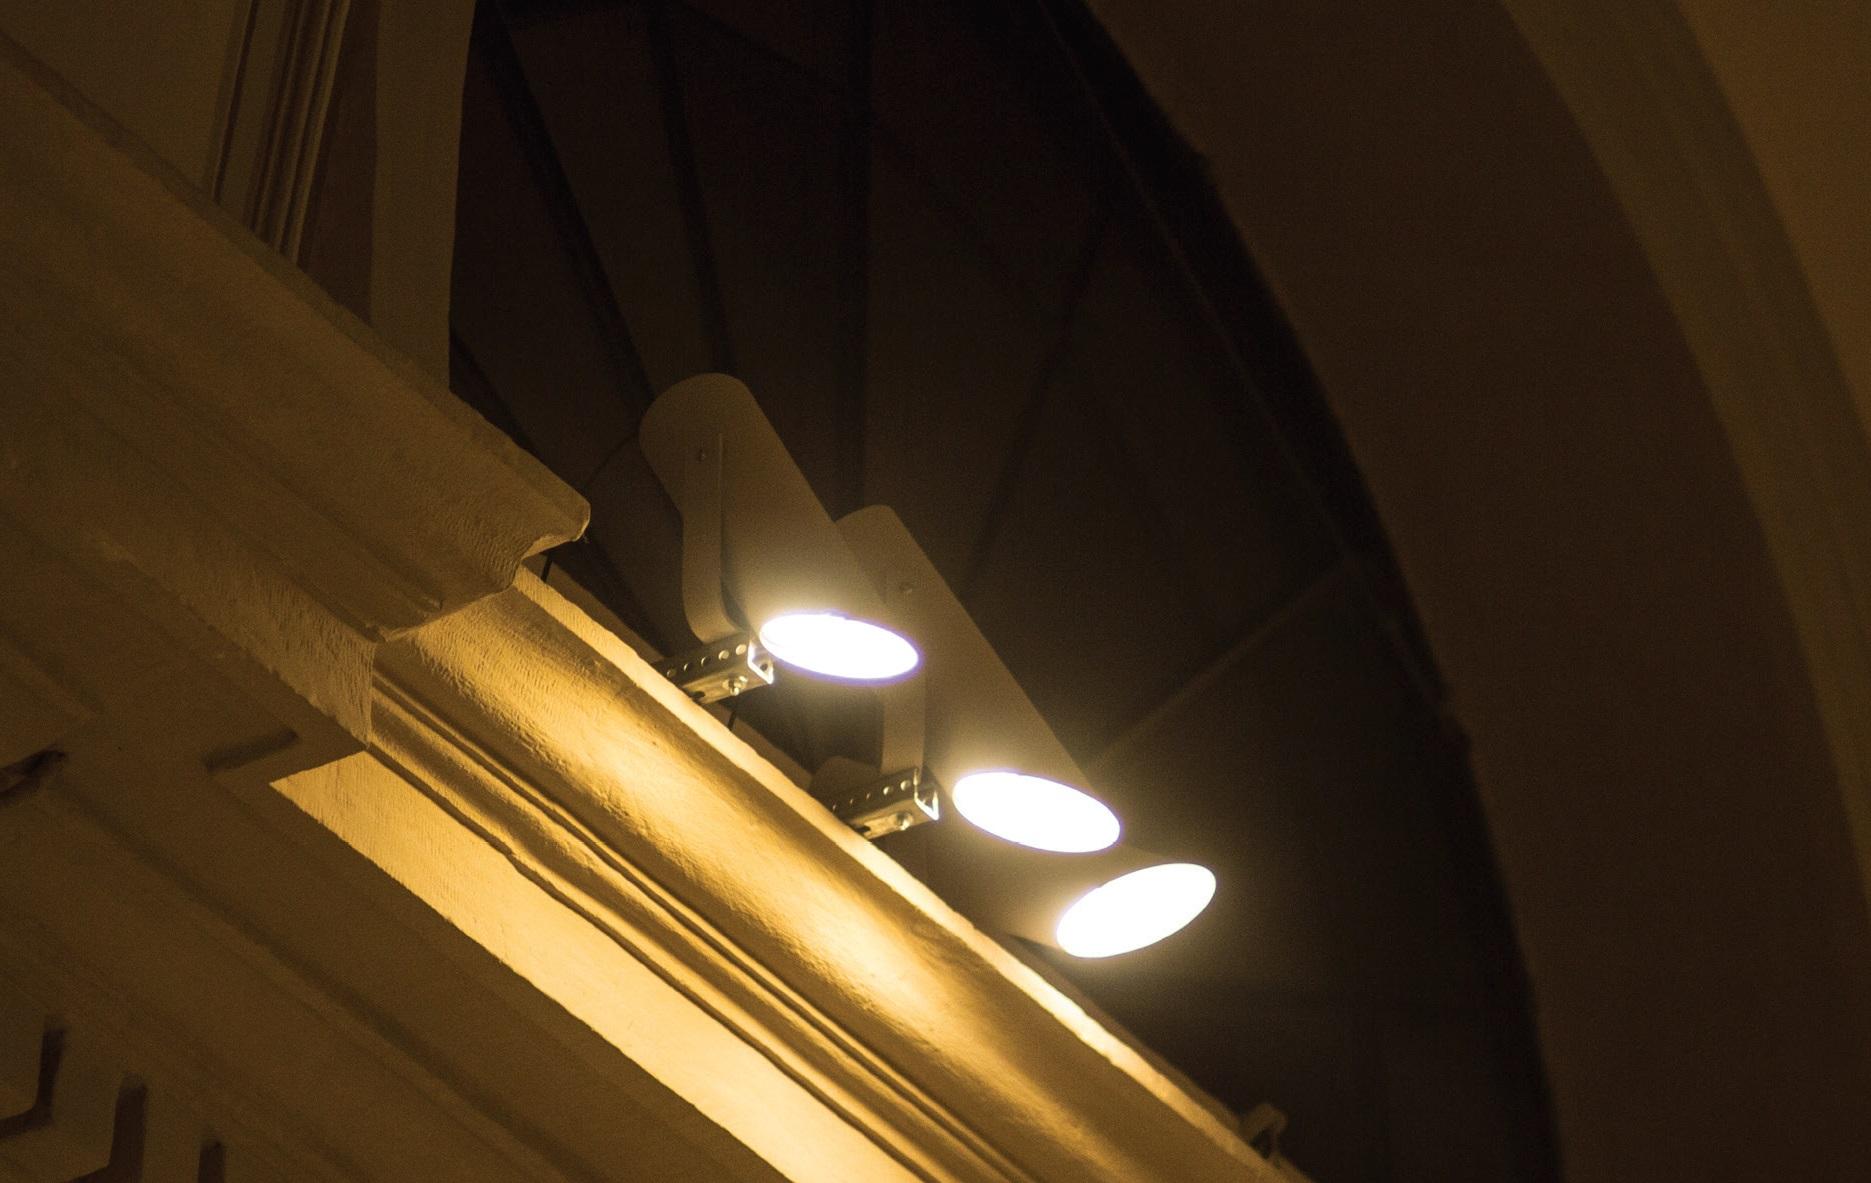 Faretti per illuminazione chiese a led dotati di ottiche purissime